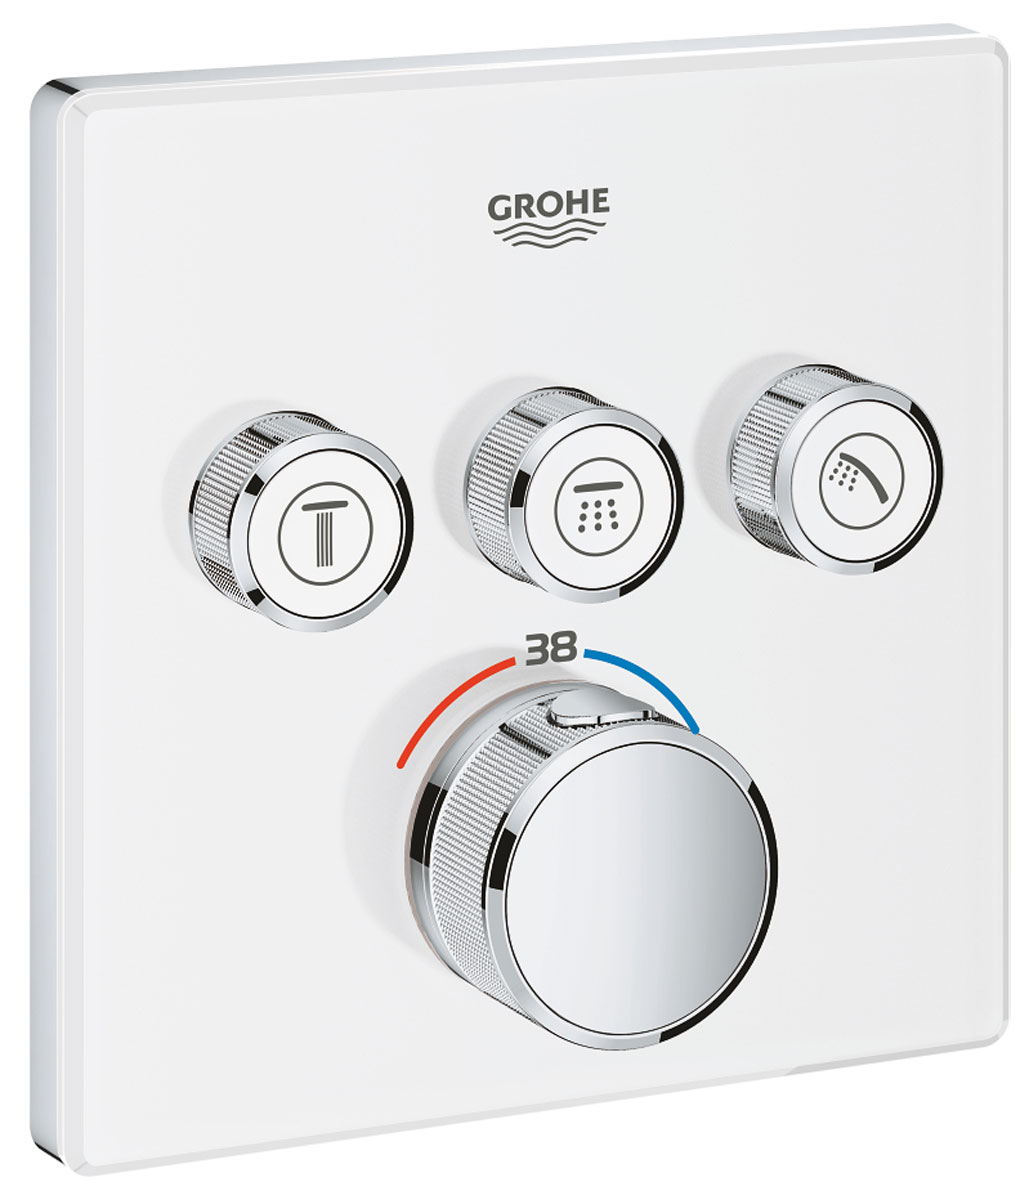 Внешняя часть термостата Grohe Grohtherm SmartControl. 29157LS0 набор подключения для универсального термостата grohe 47533000